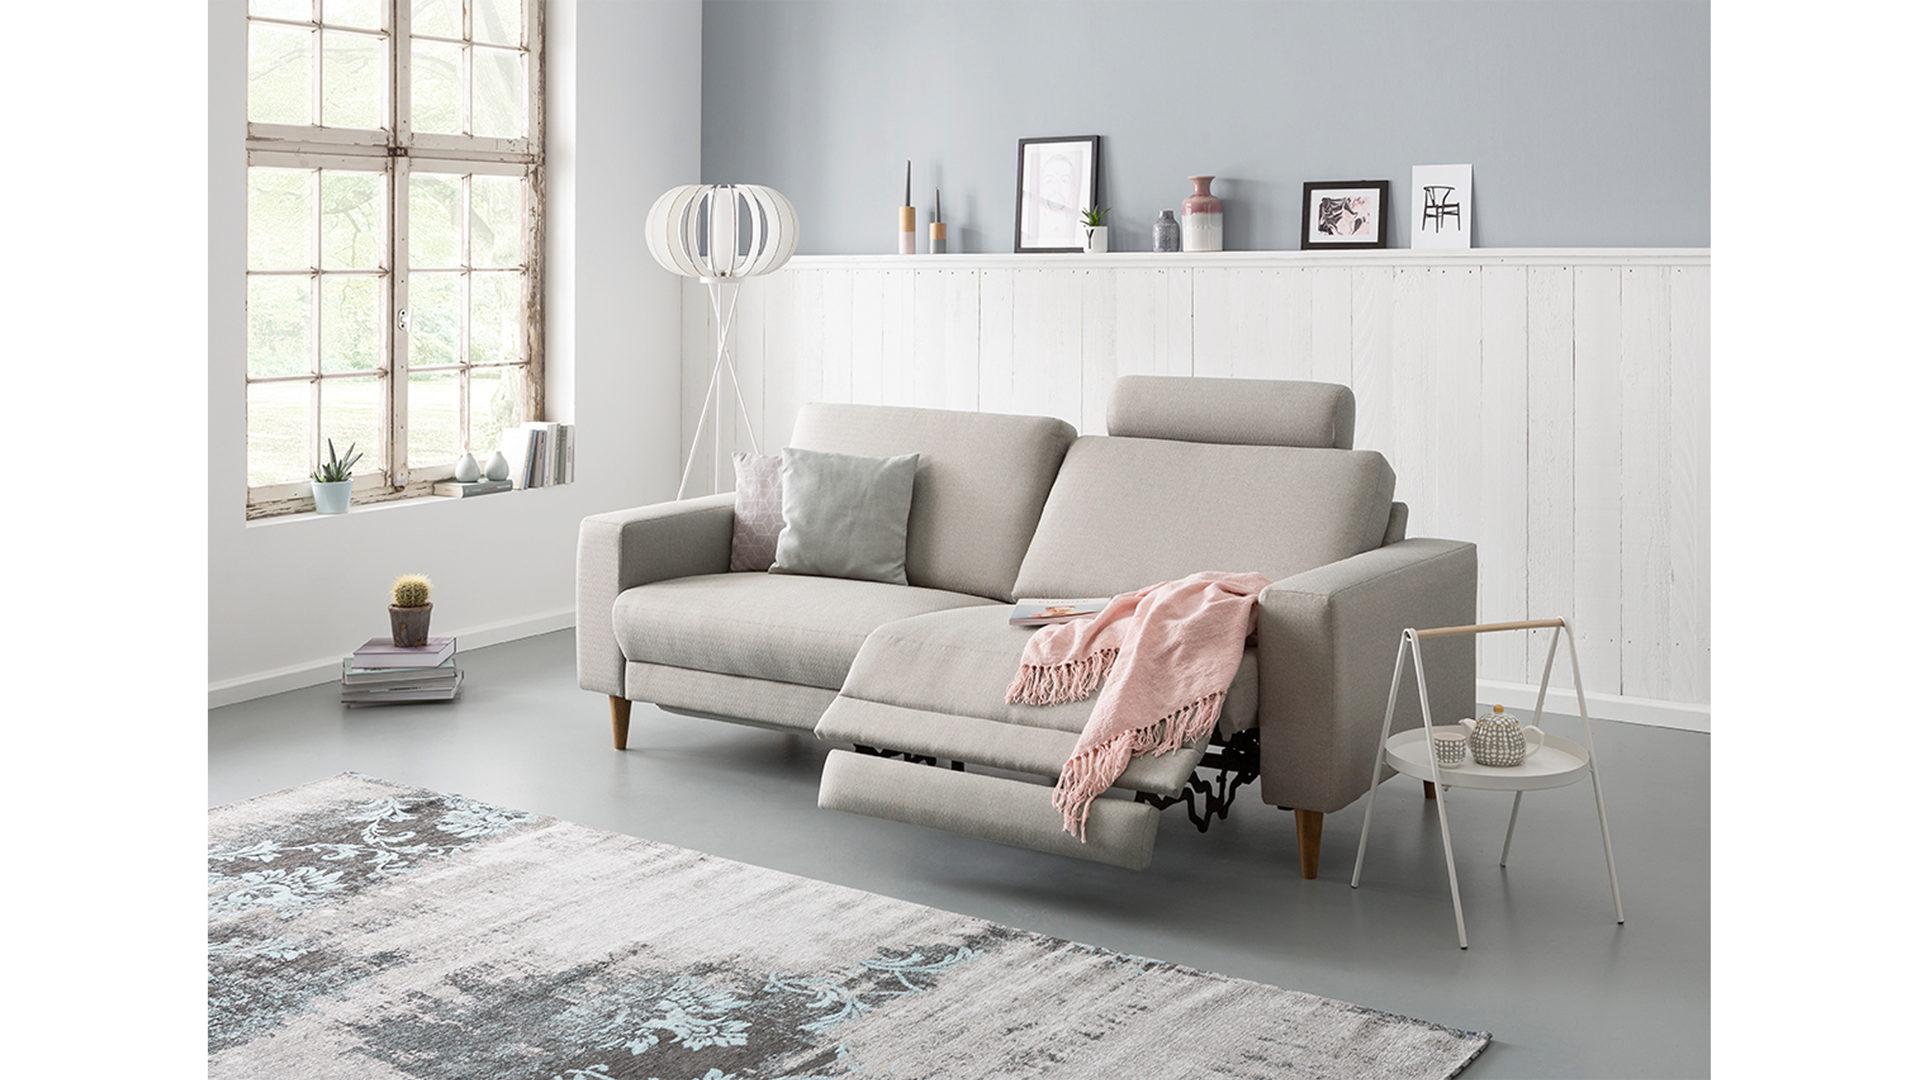 Mbel bohn crailsheim rume wohnzimmer sofas couches beschreibung parisarafo Choice Image